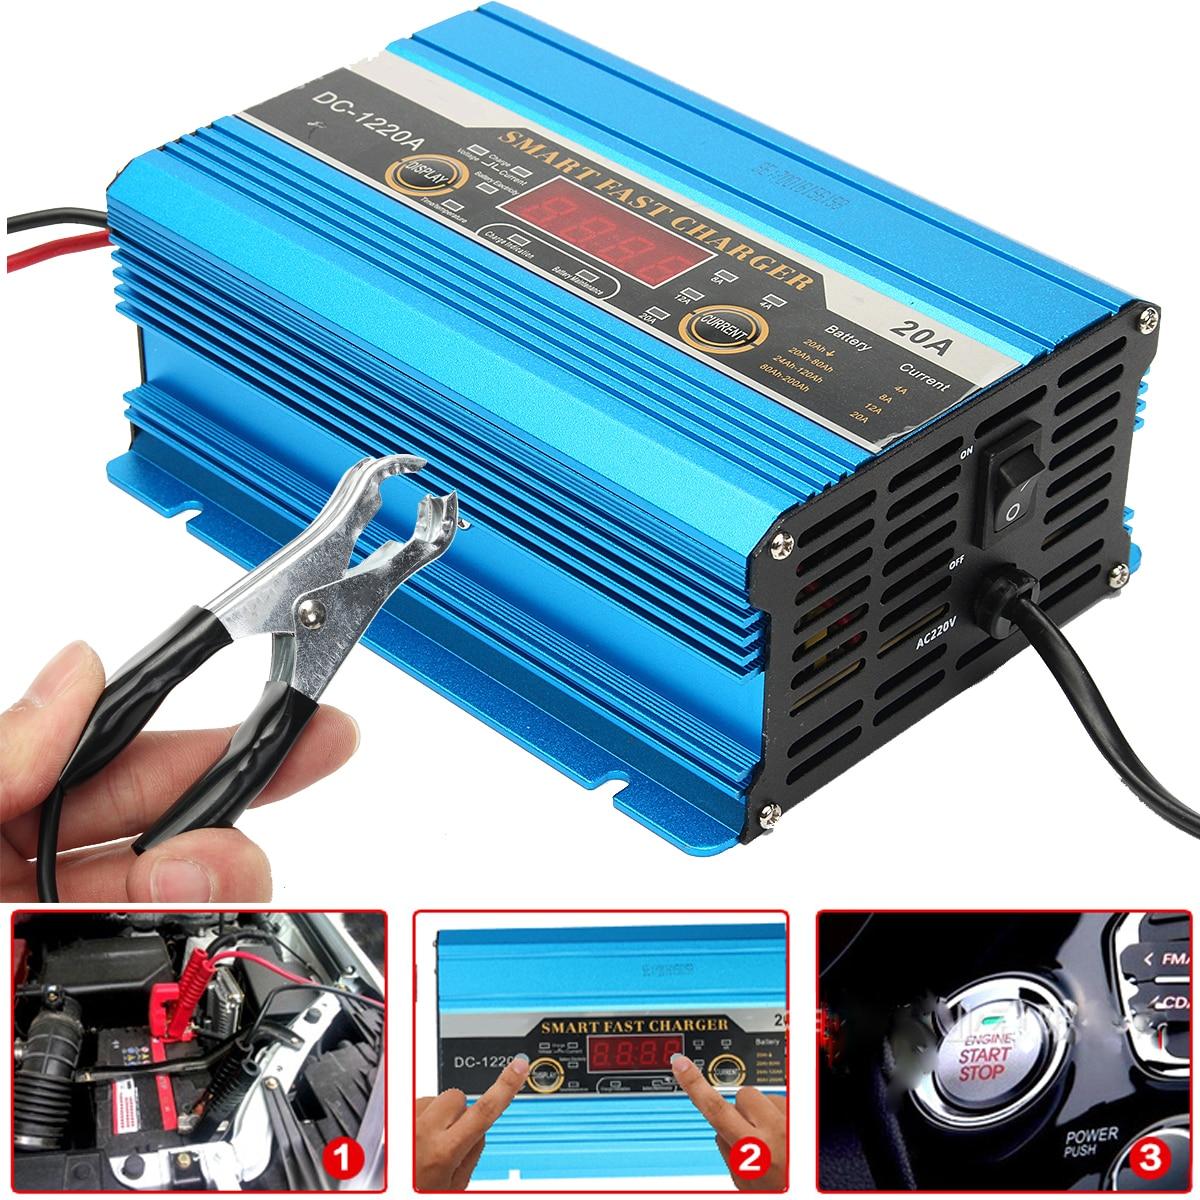 Chargeur de batterie de voiture 12 V 20A 200AH batterie de moto pur cuivre chargeur de réparation rapide intelligent pour la charge automatique complète